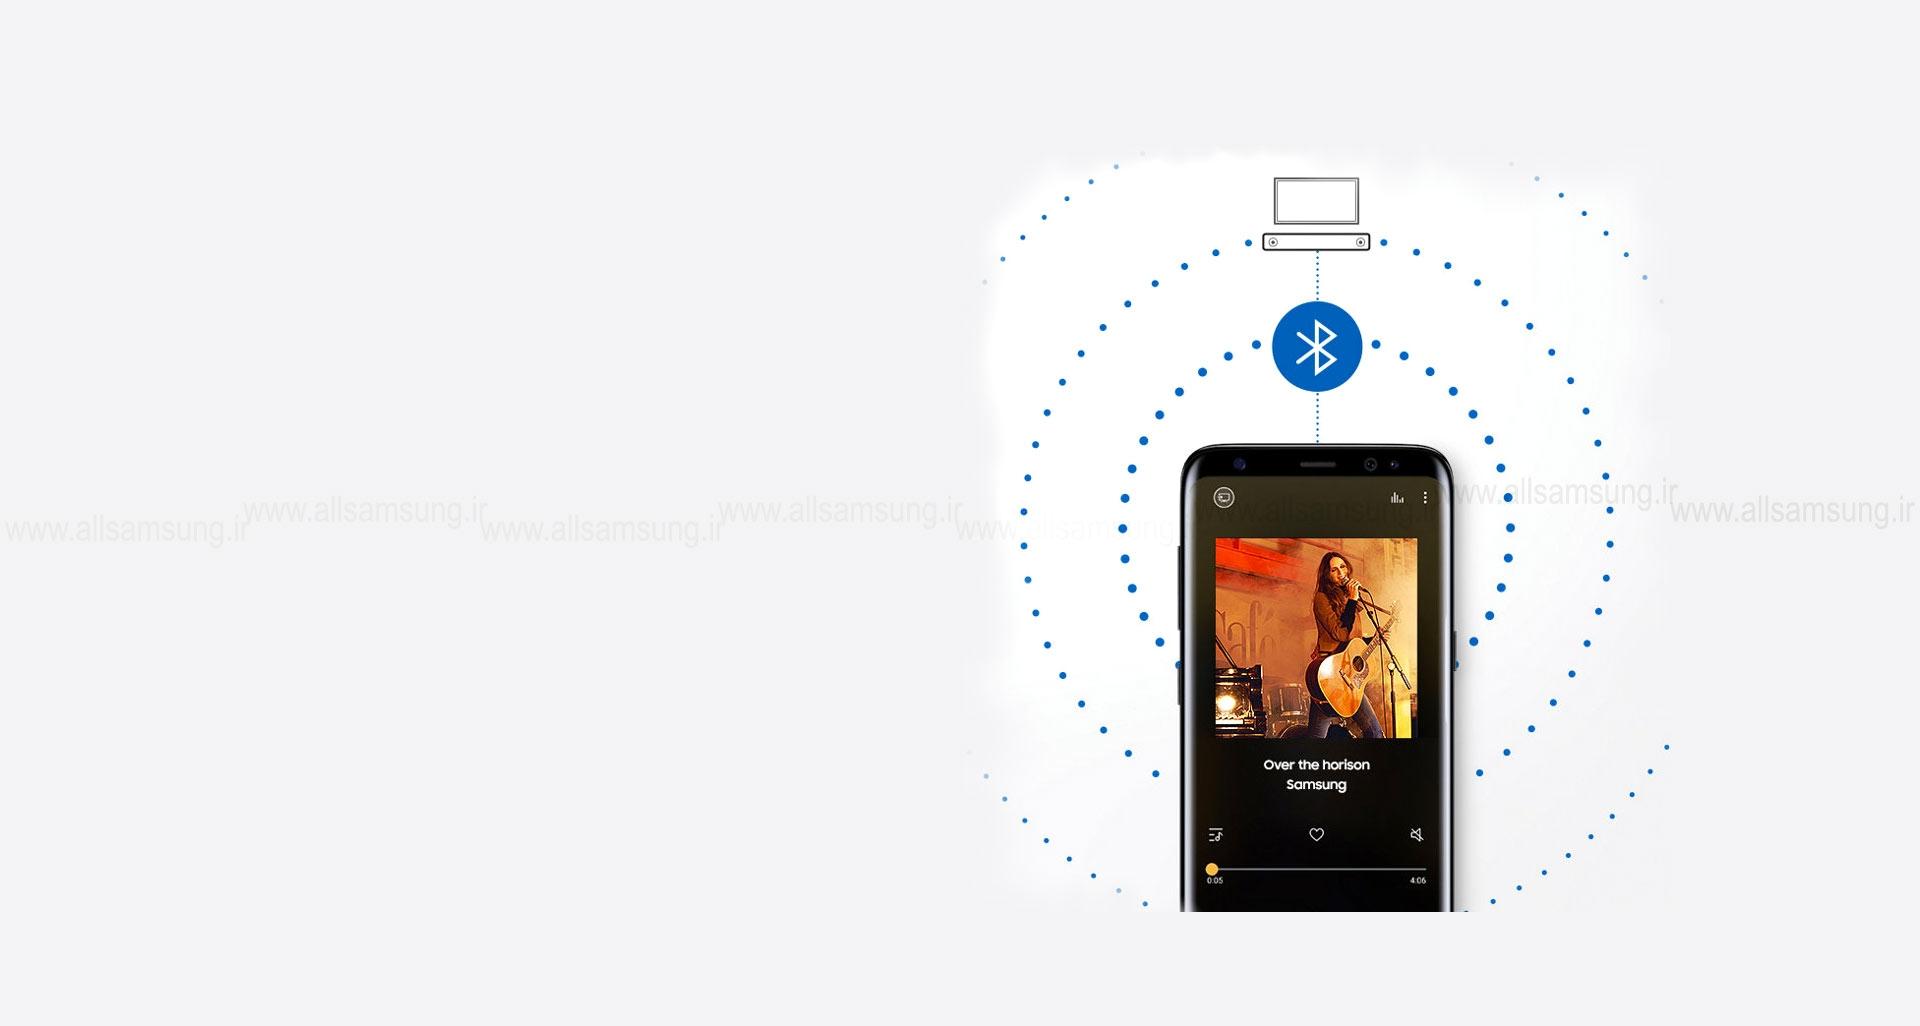 پخش آسان موزیک با ساندبار HW-N650